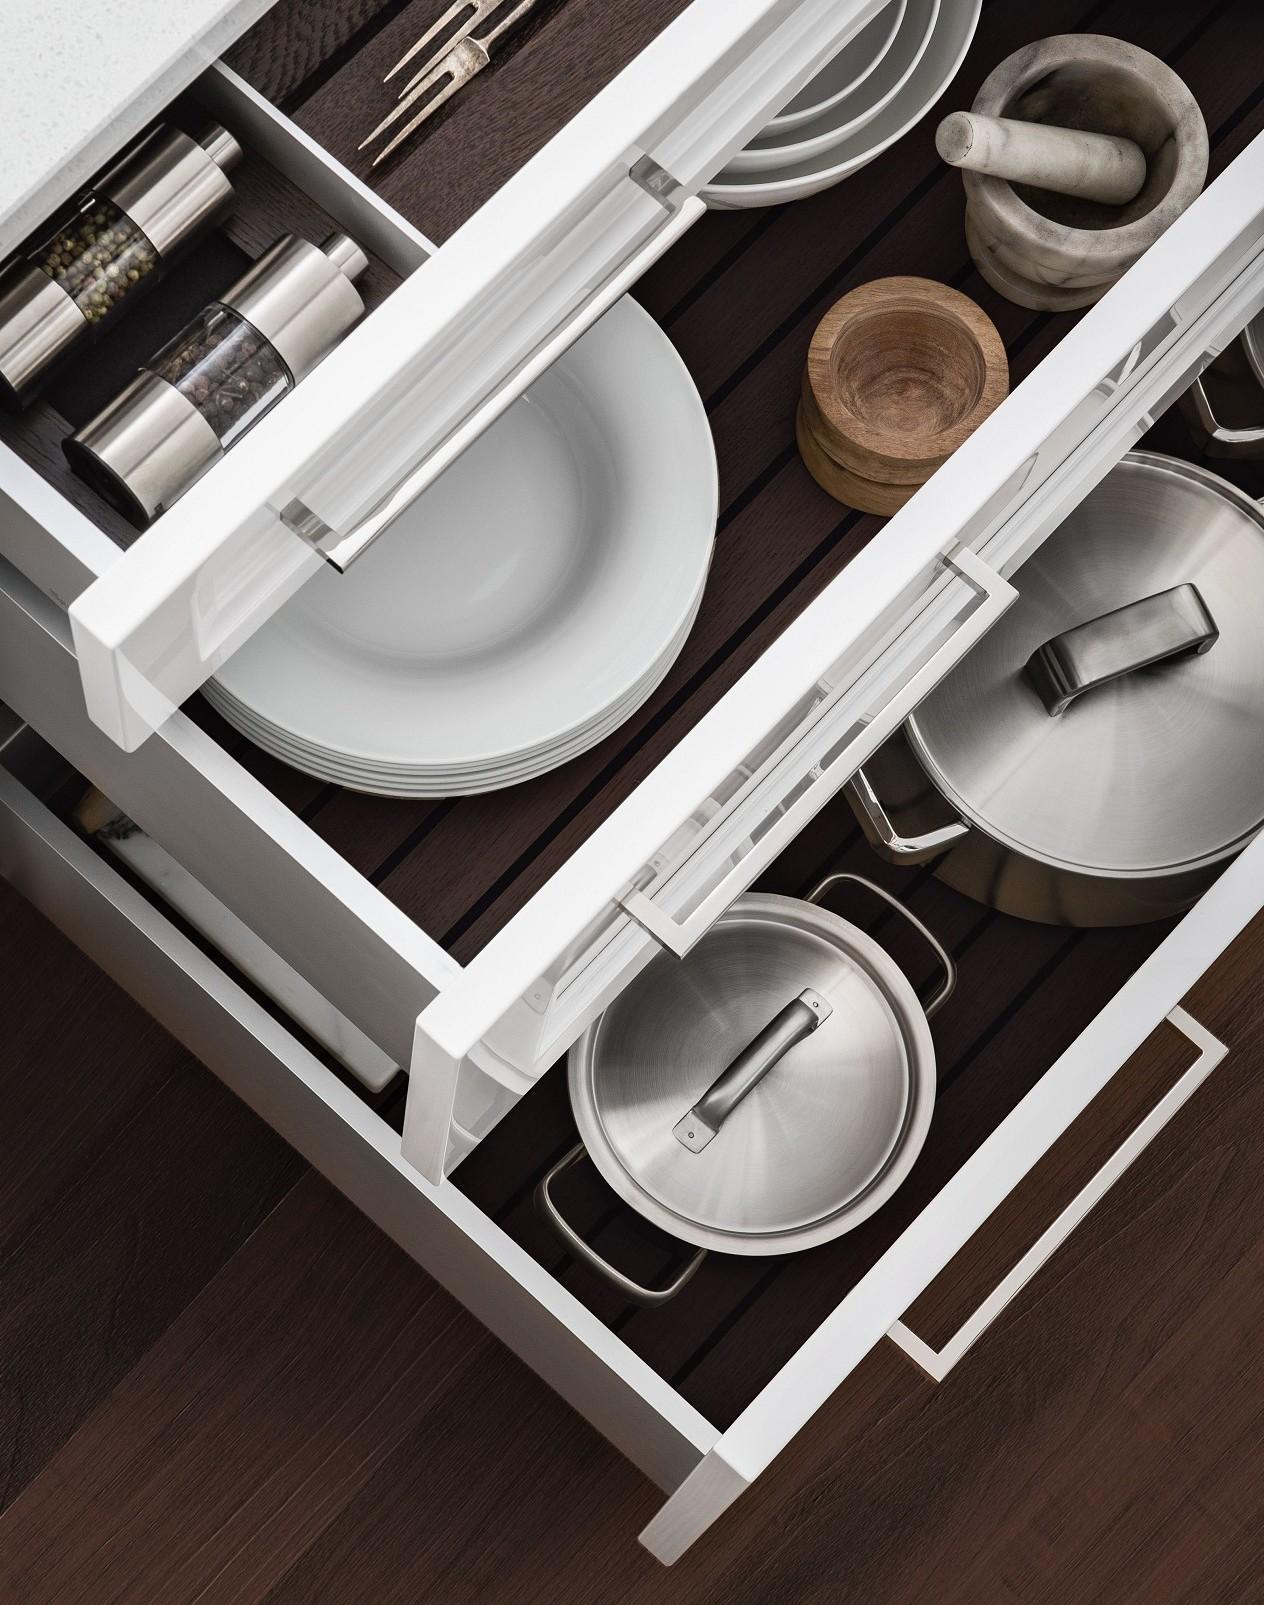 SieMatic Classic BeauxArts S2 in bianco loto e nickel con cassetto incl. attrezzatura interna in alluminio.